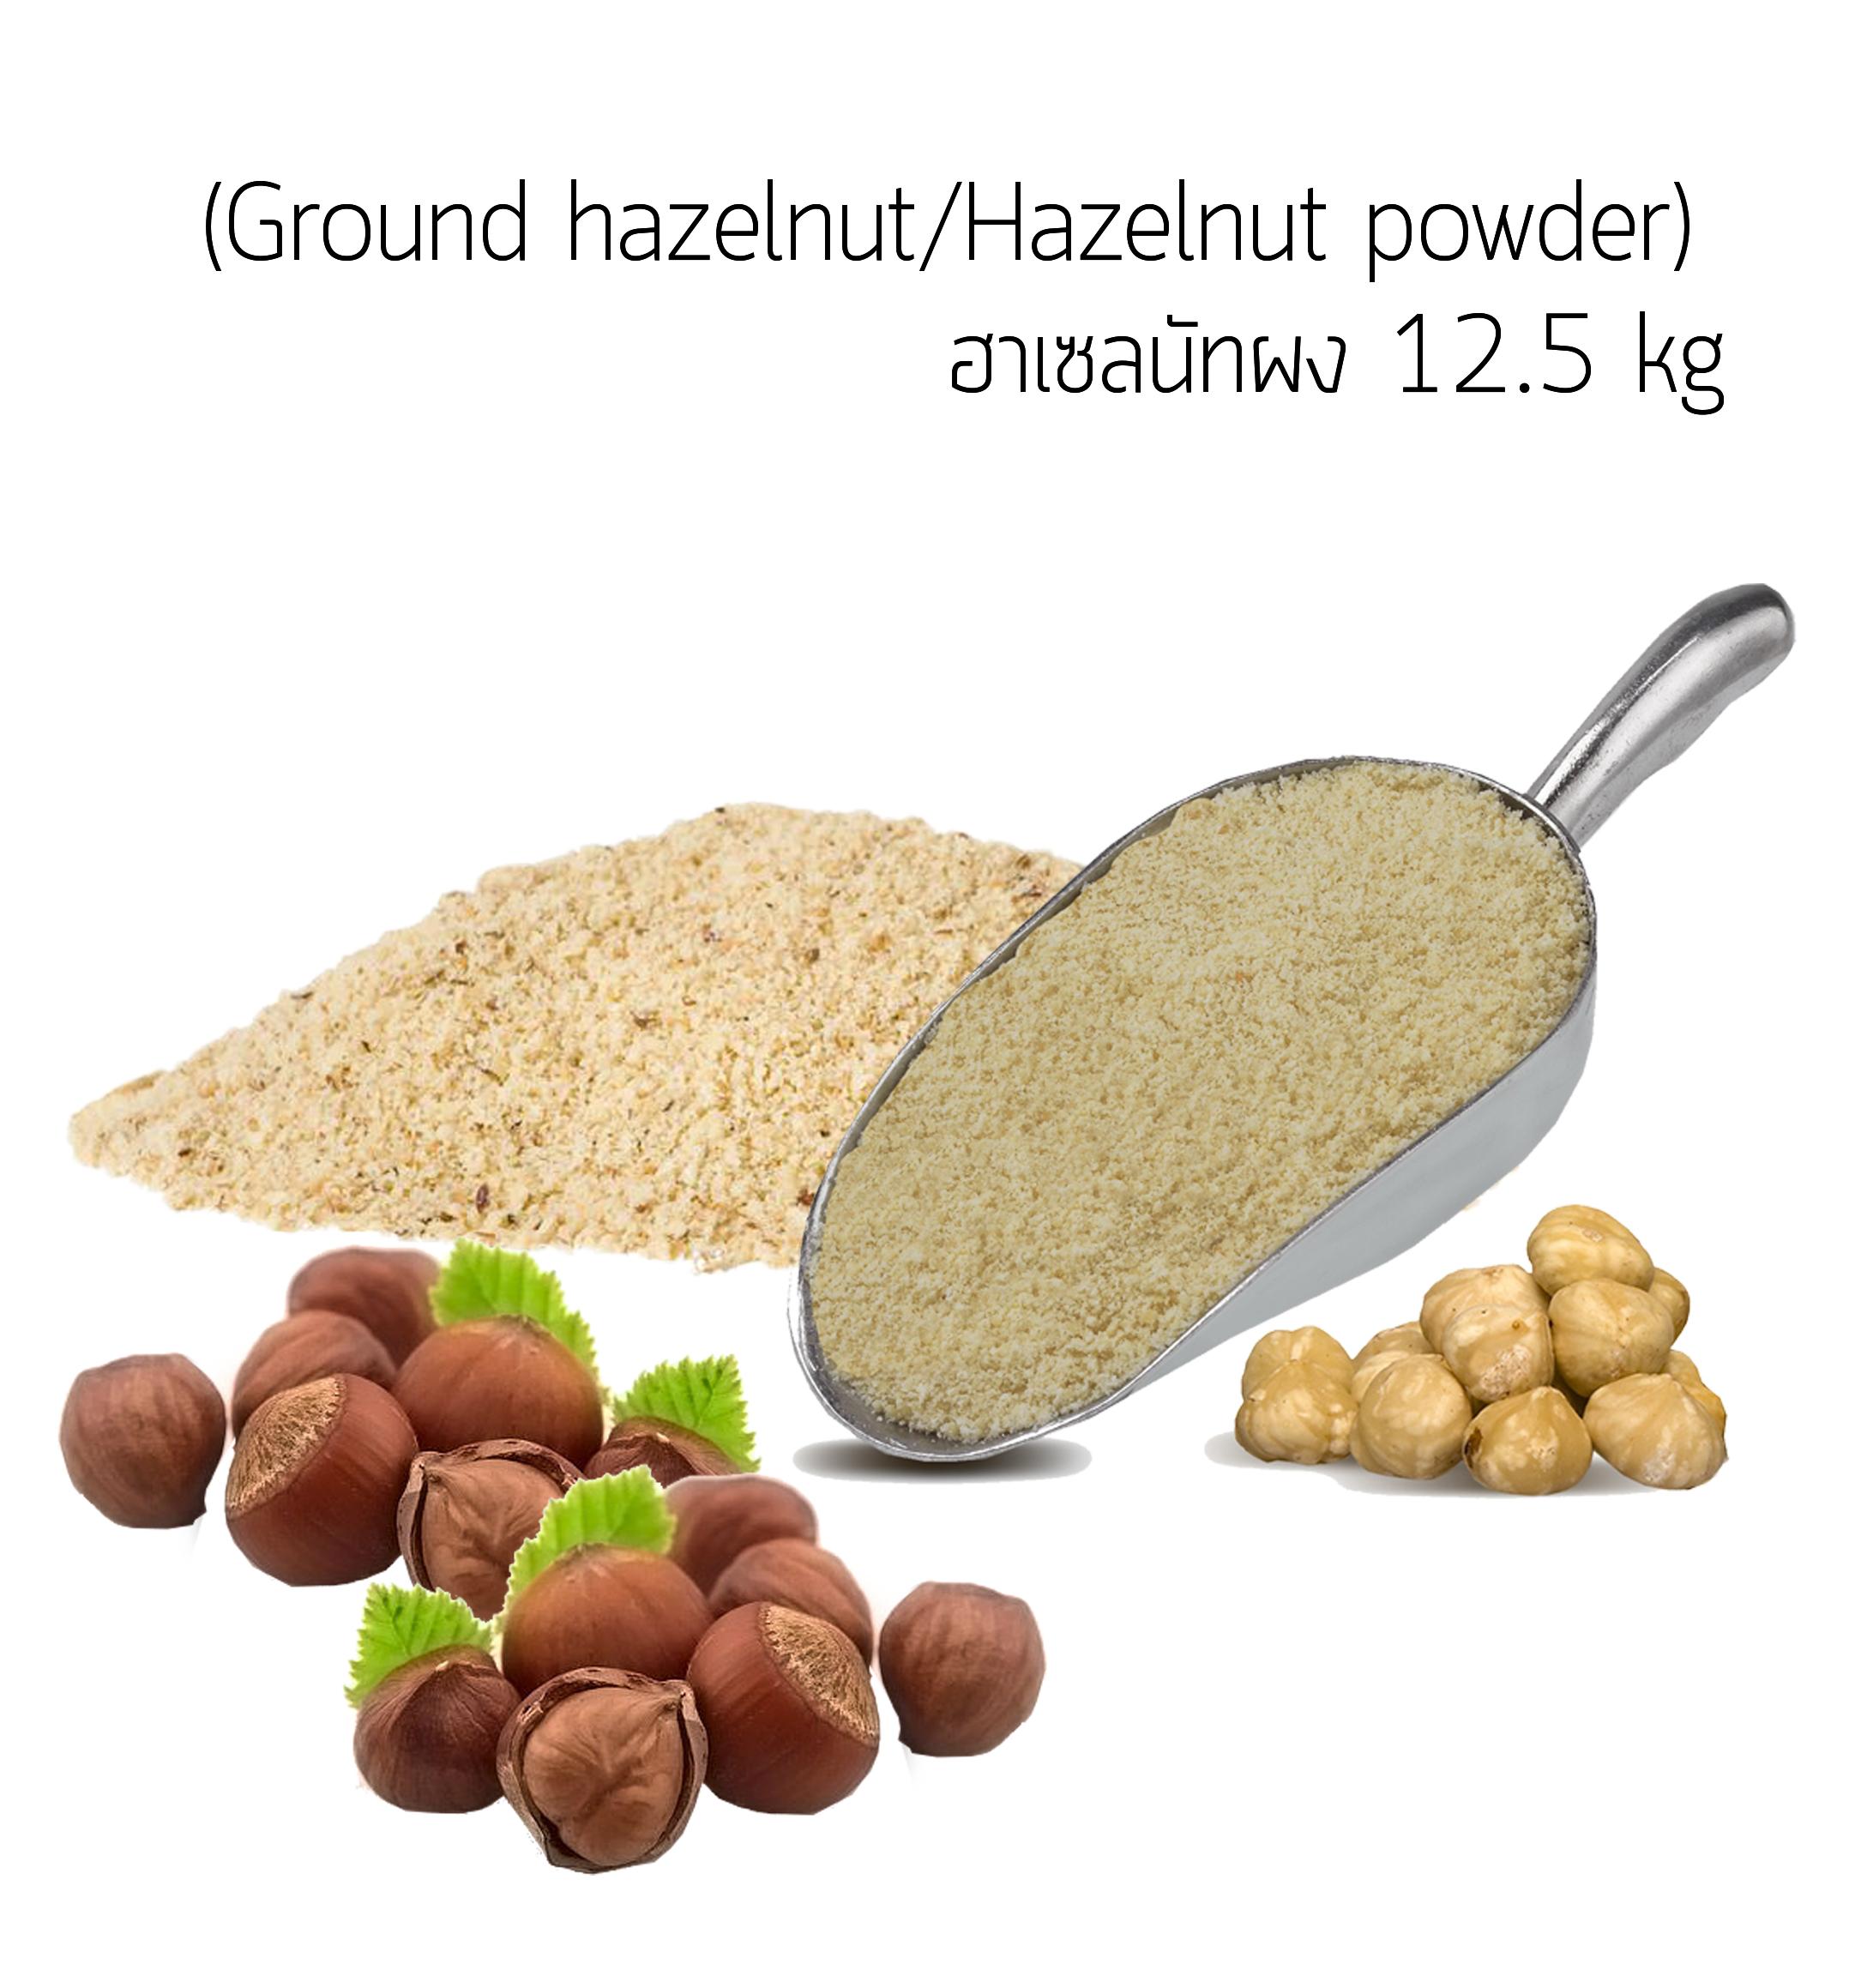 ผงฮาเซลนัท นำเข้า USA (Ground hazelnut/Hazelnut powder) 12.5 kg